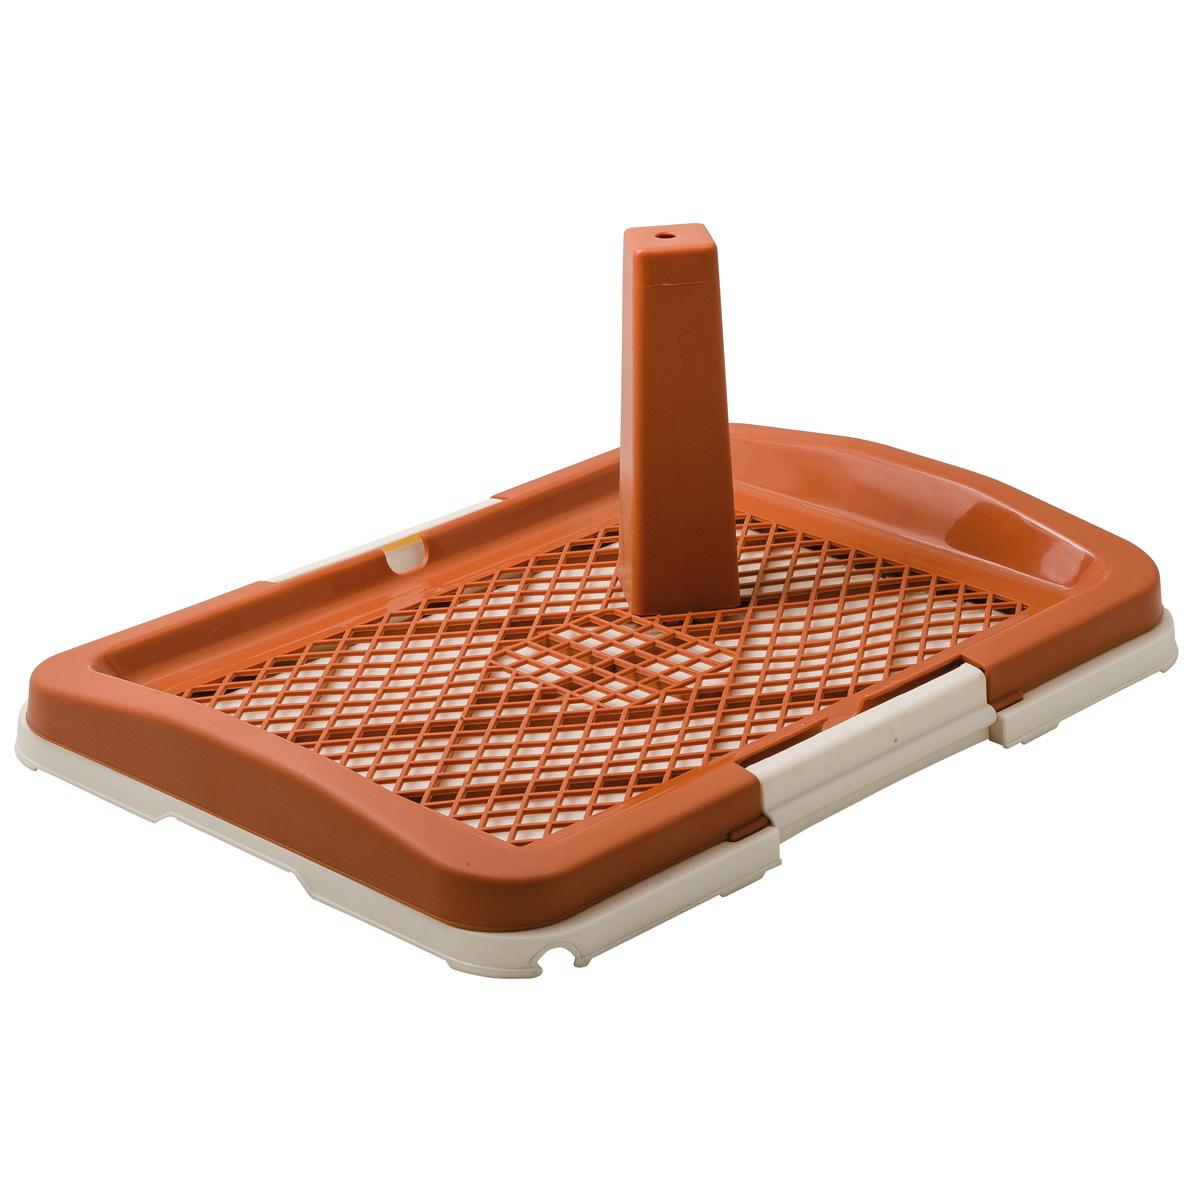 Лоток для собак ZooOne со столбиком, малый, коричневый, 48x35x6 см- обзор, преимущества, отзывы. Заказать товар для животных за 1329 руб. Бренд ZooOne